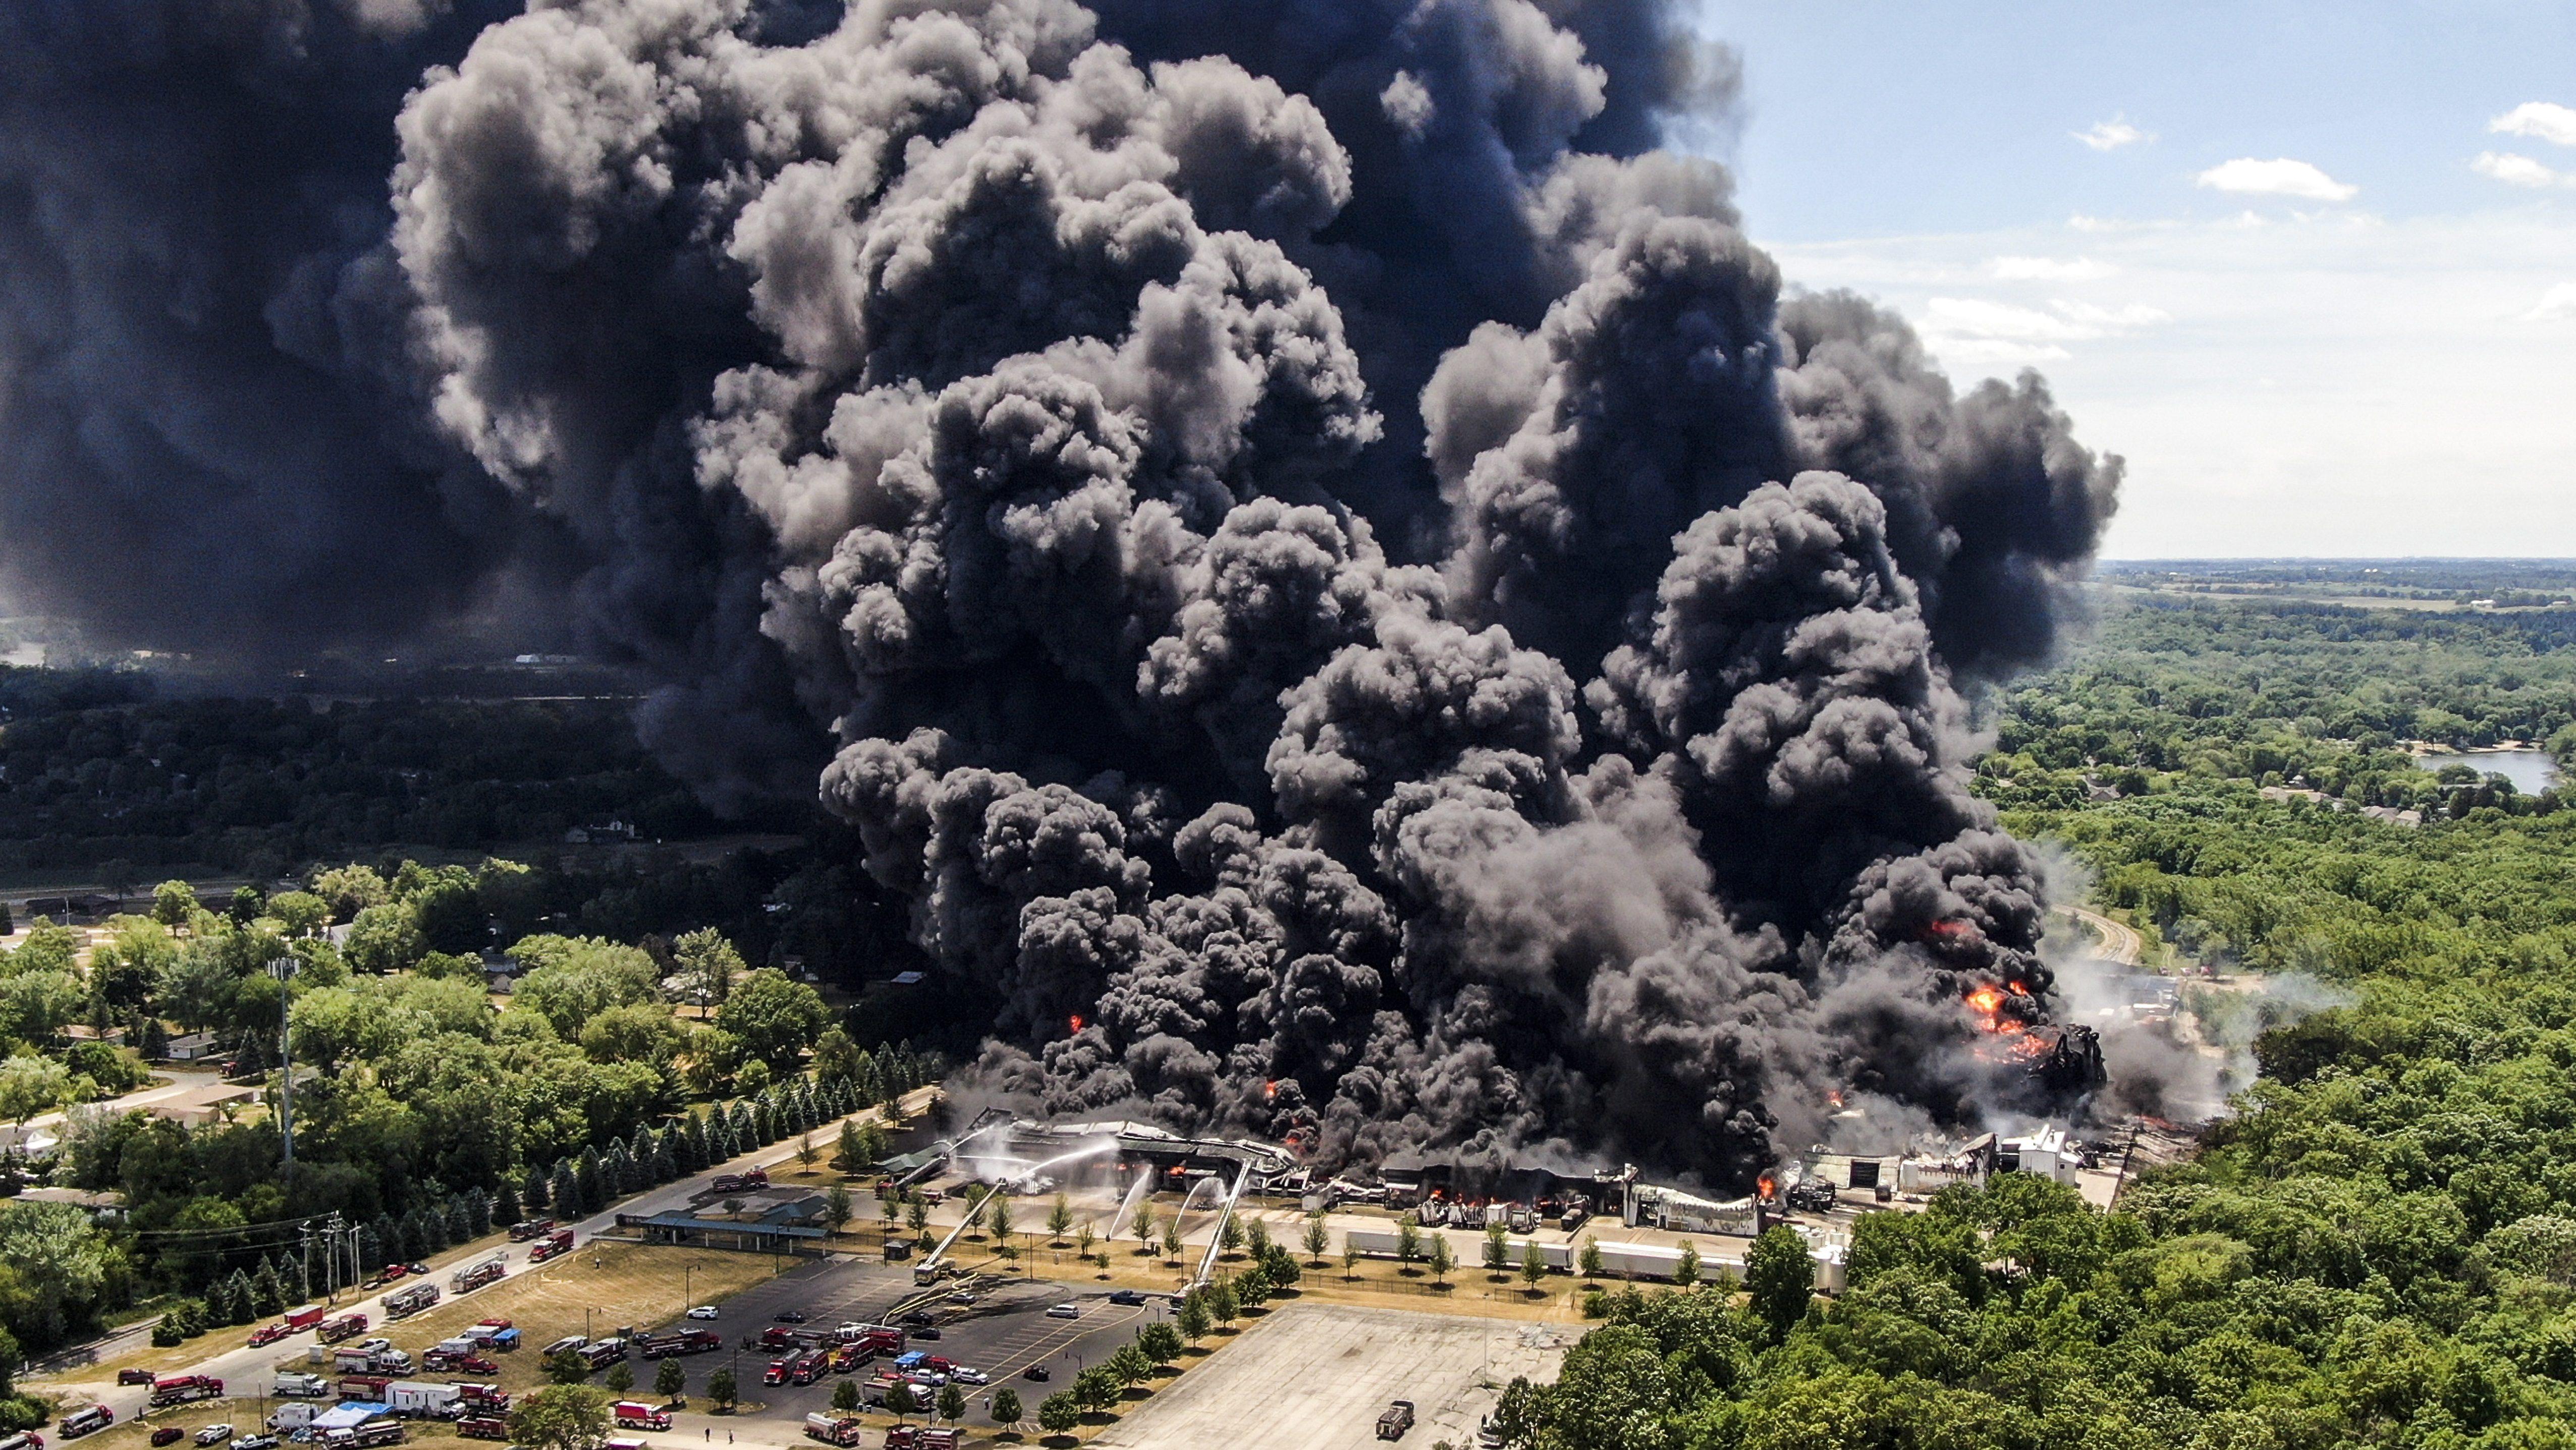 Columna de humo en una explosión en Rockton (Illinois, EEUU).